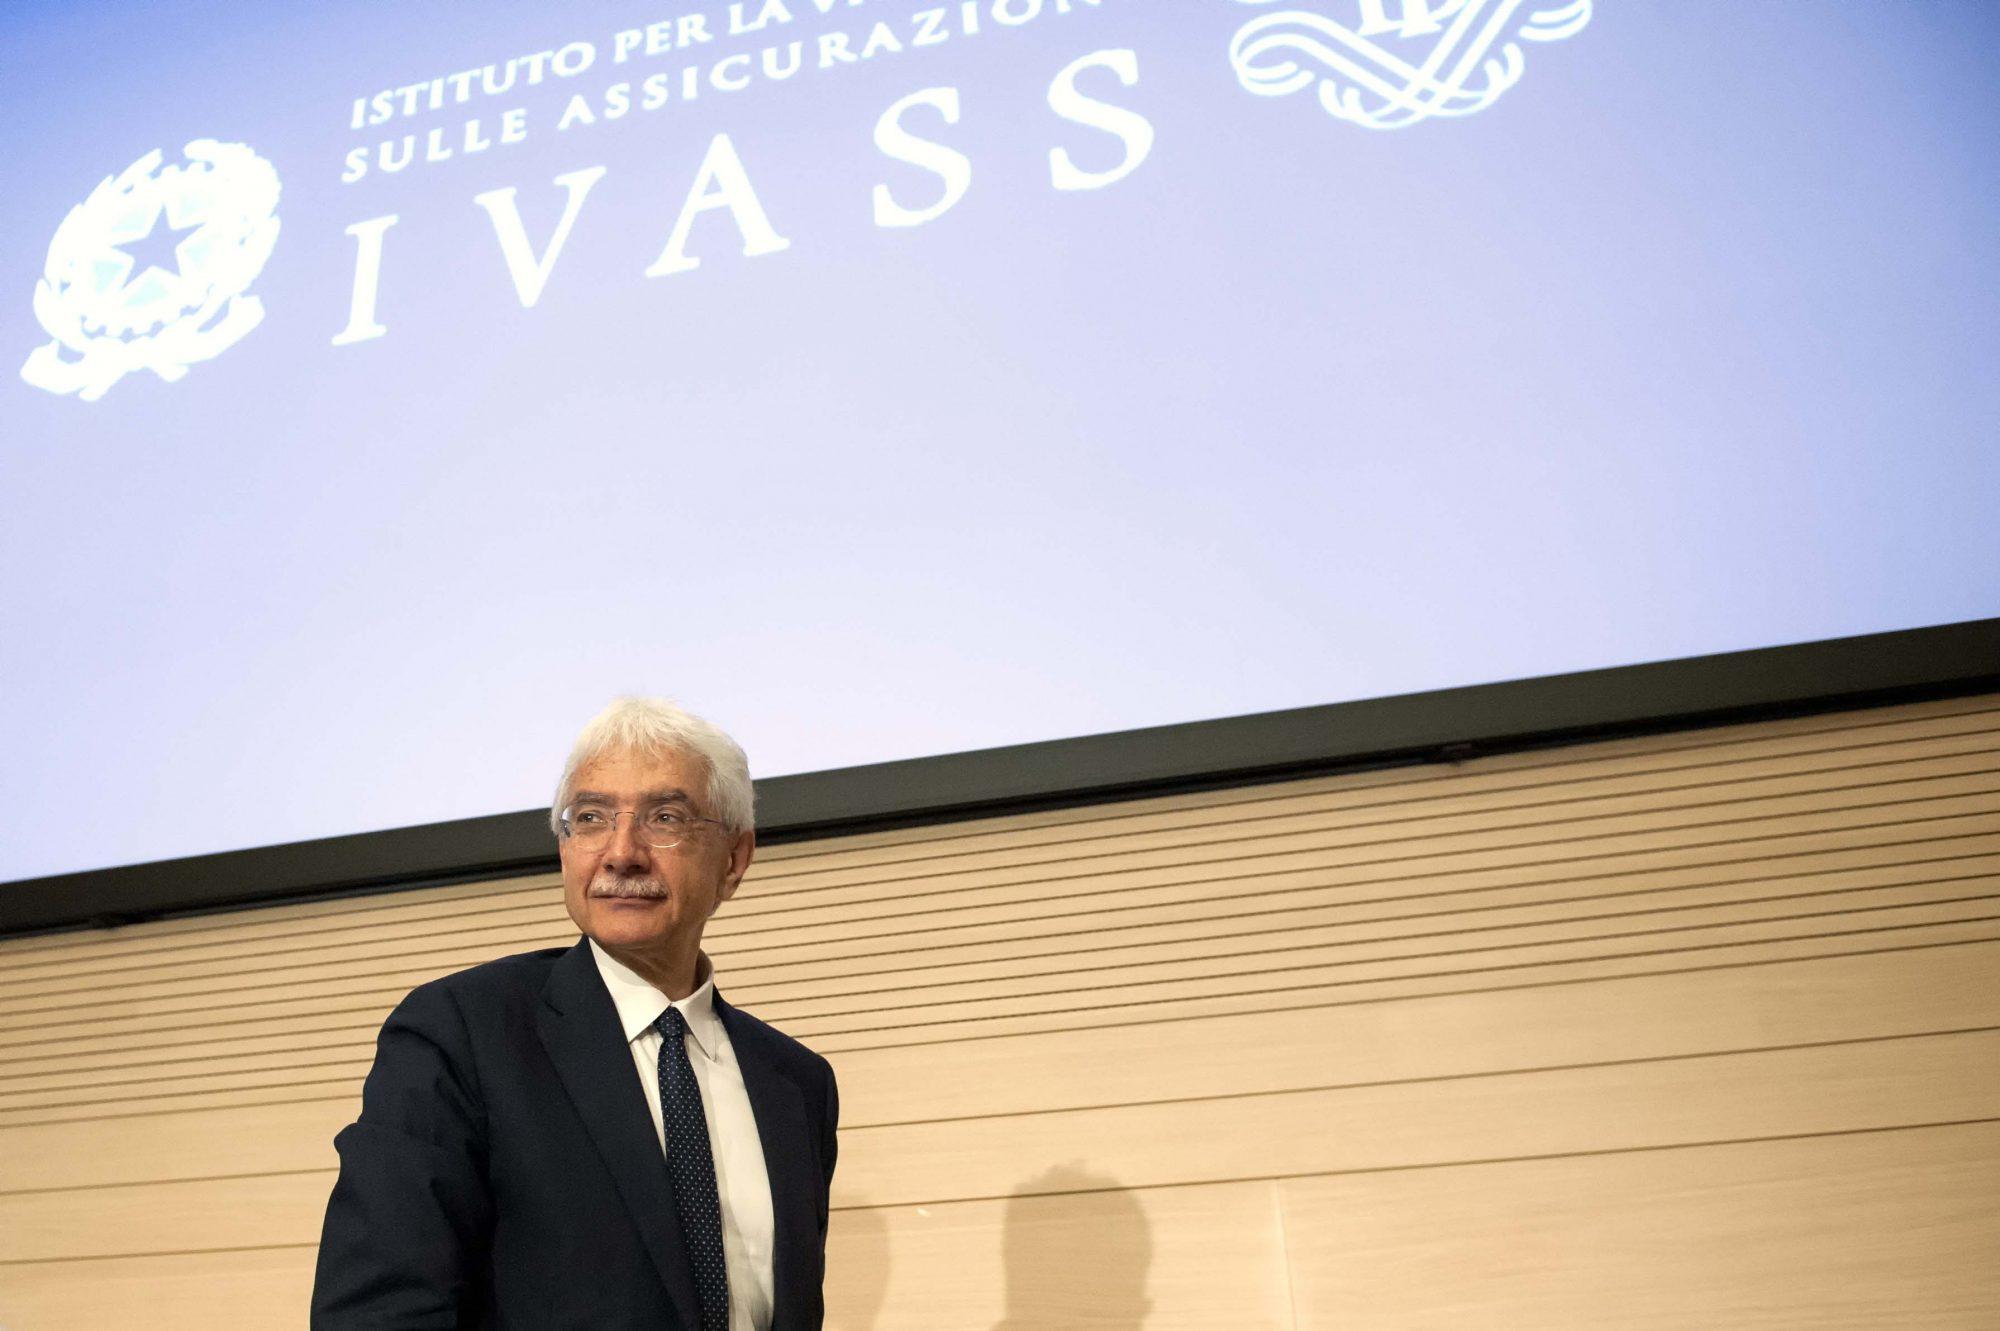 """Relazione annuale IVASS, Rossi: """"Non dobbiamo farci sorprendere dalla modernità"""""""